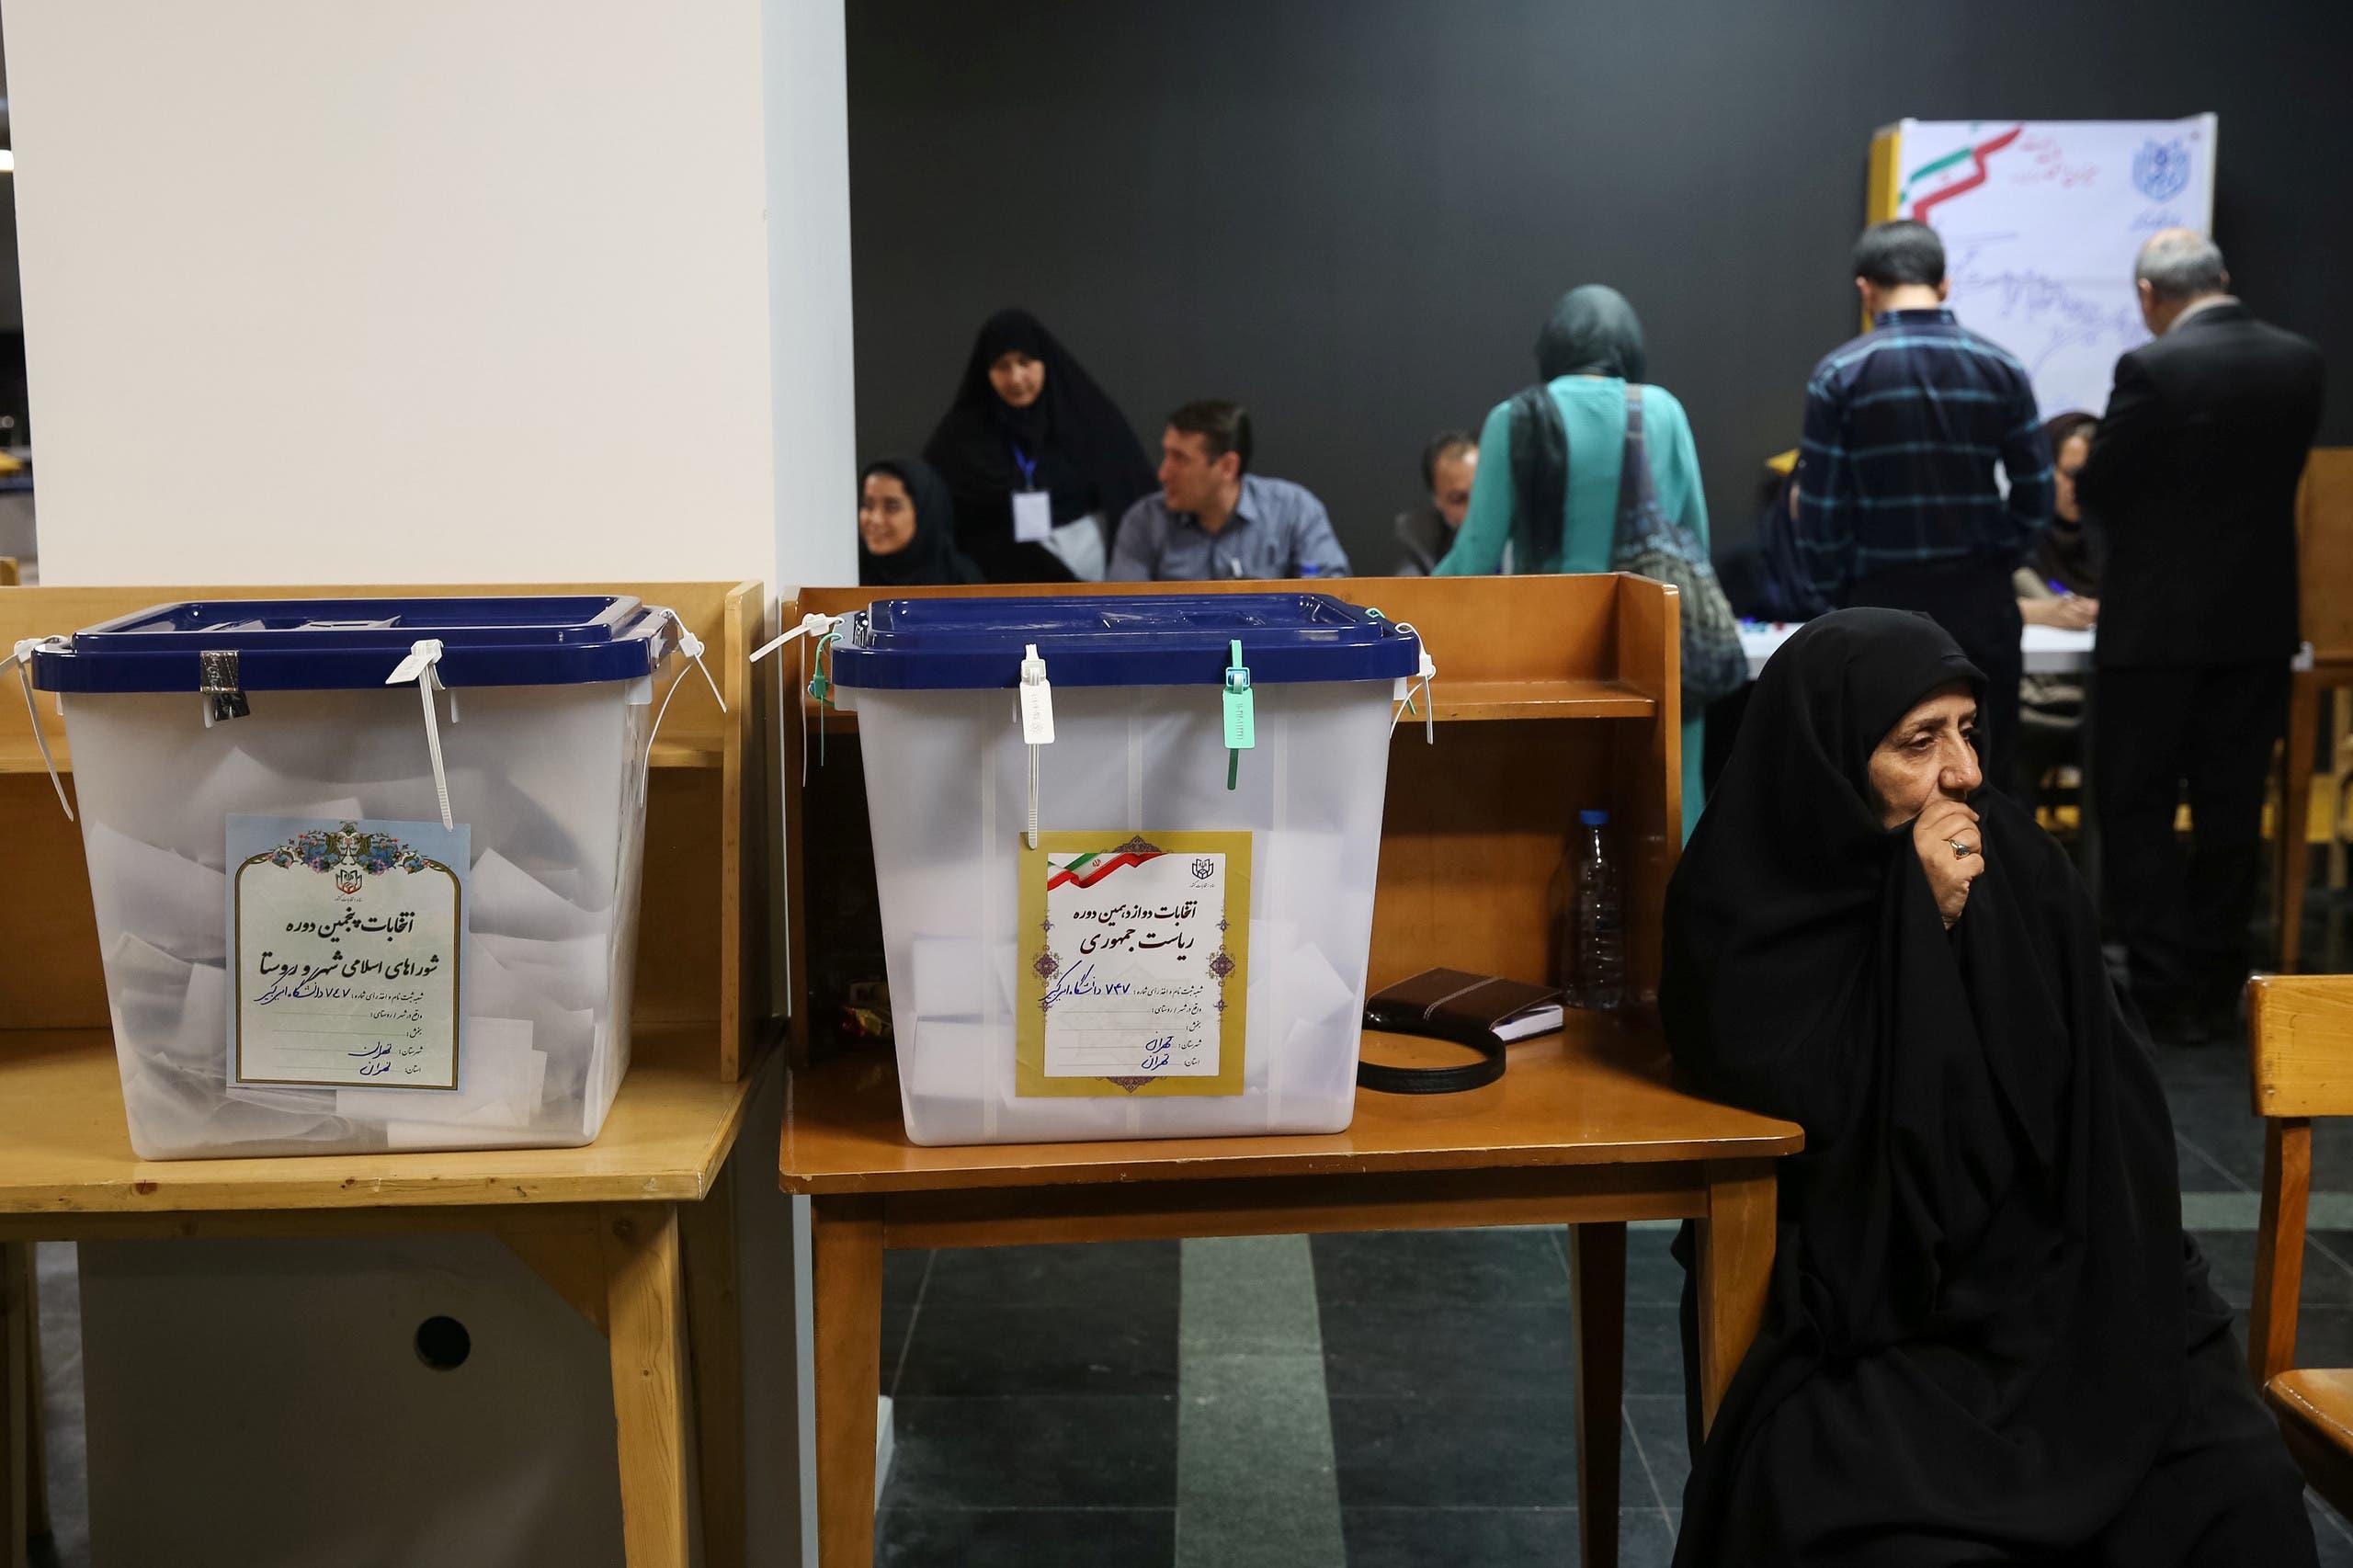 من الانتخابات الرئاسية السابقة في إيران في مايو 2017